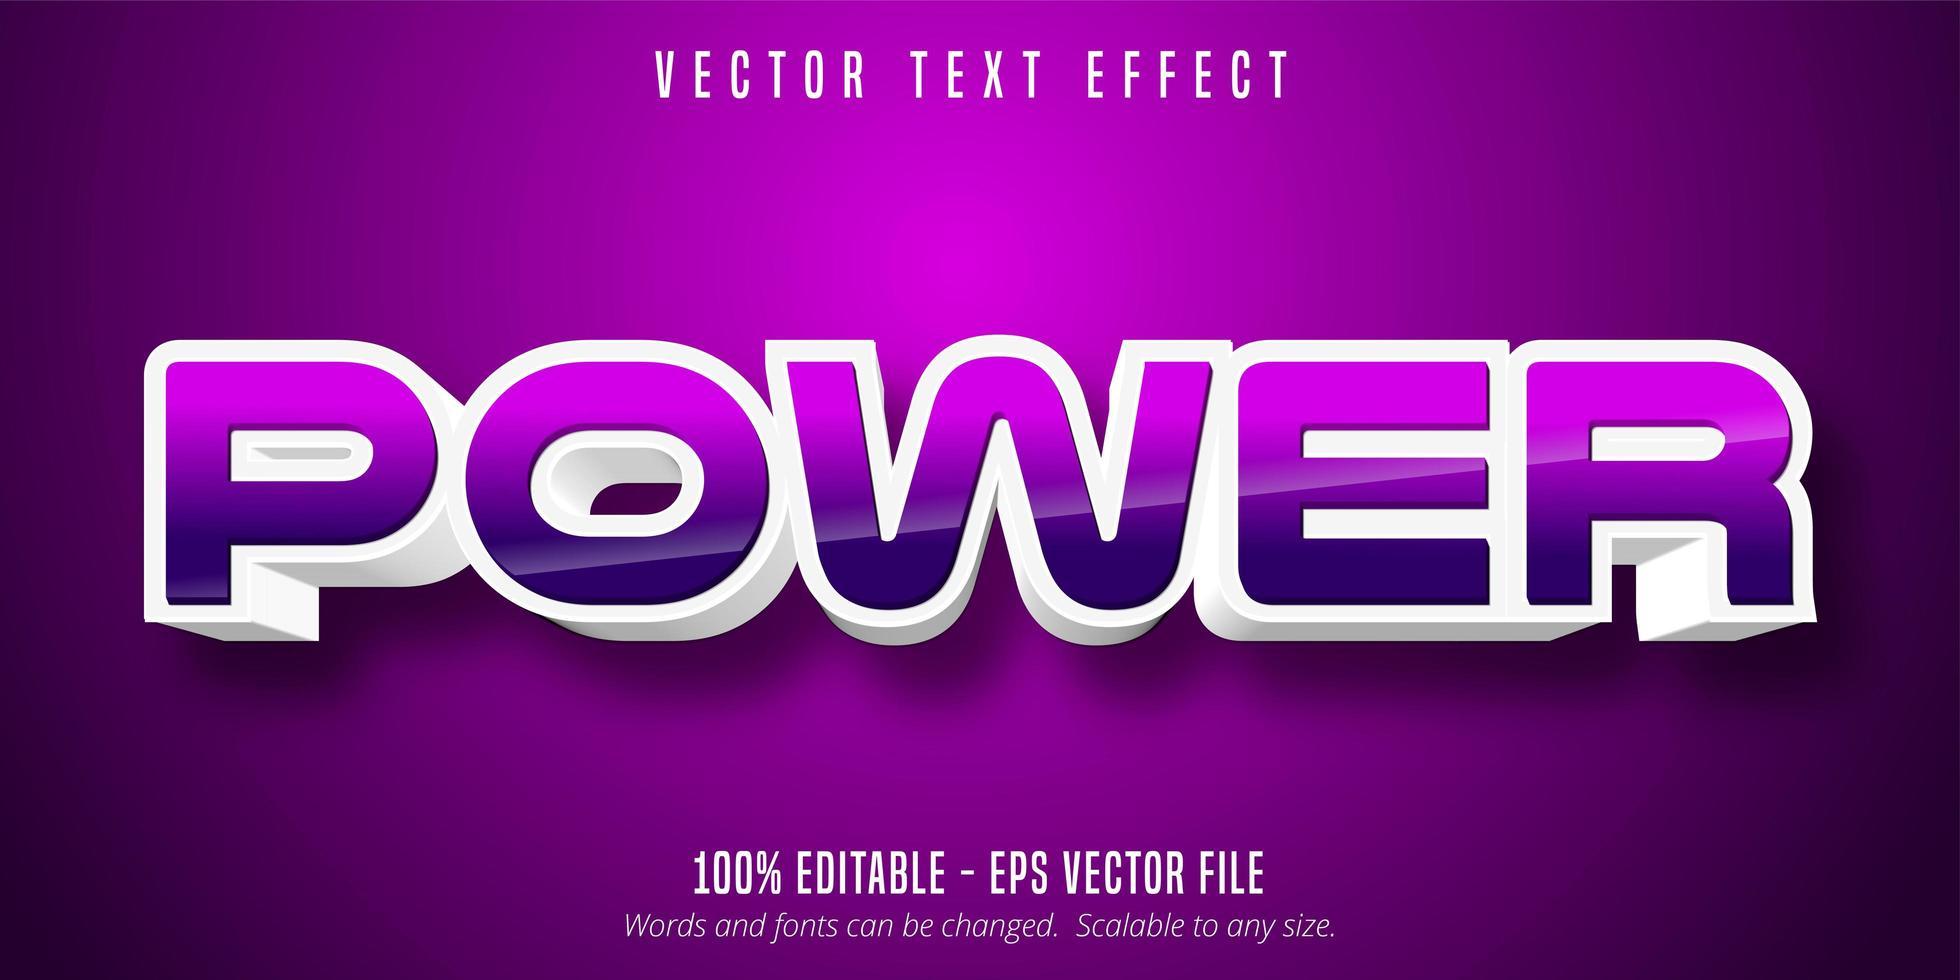 spel stil redigerbar text effekt vektor